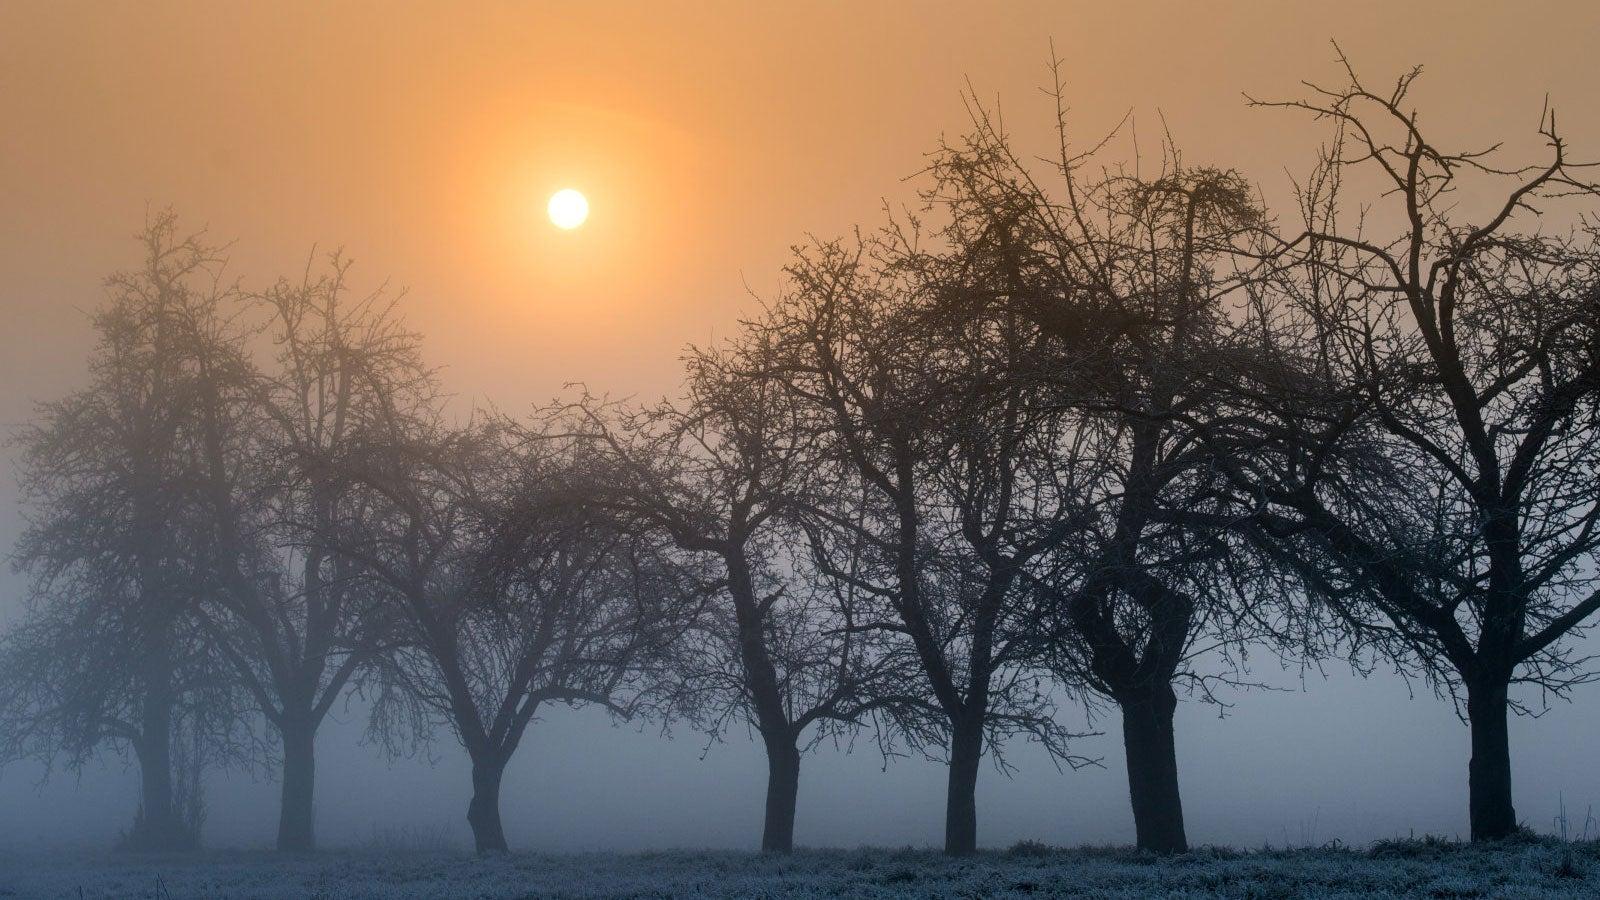 Taupunkt: So entstehen Nebel, Reif und Wolken